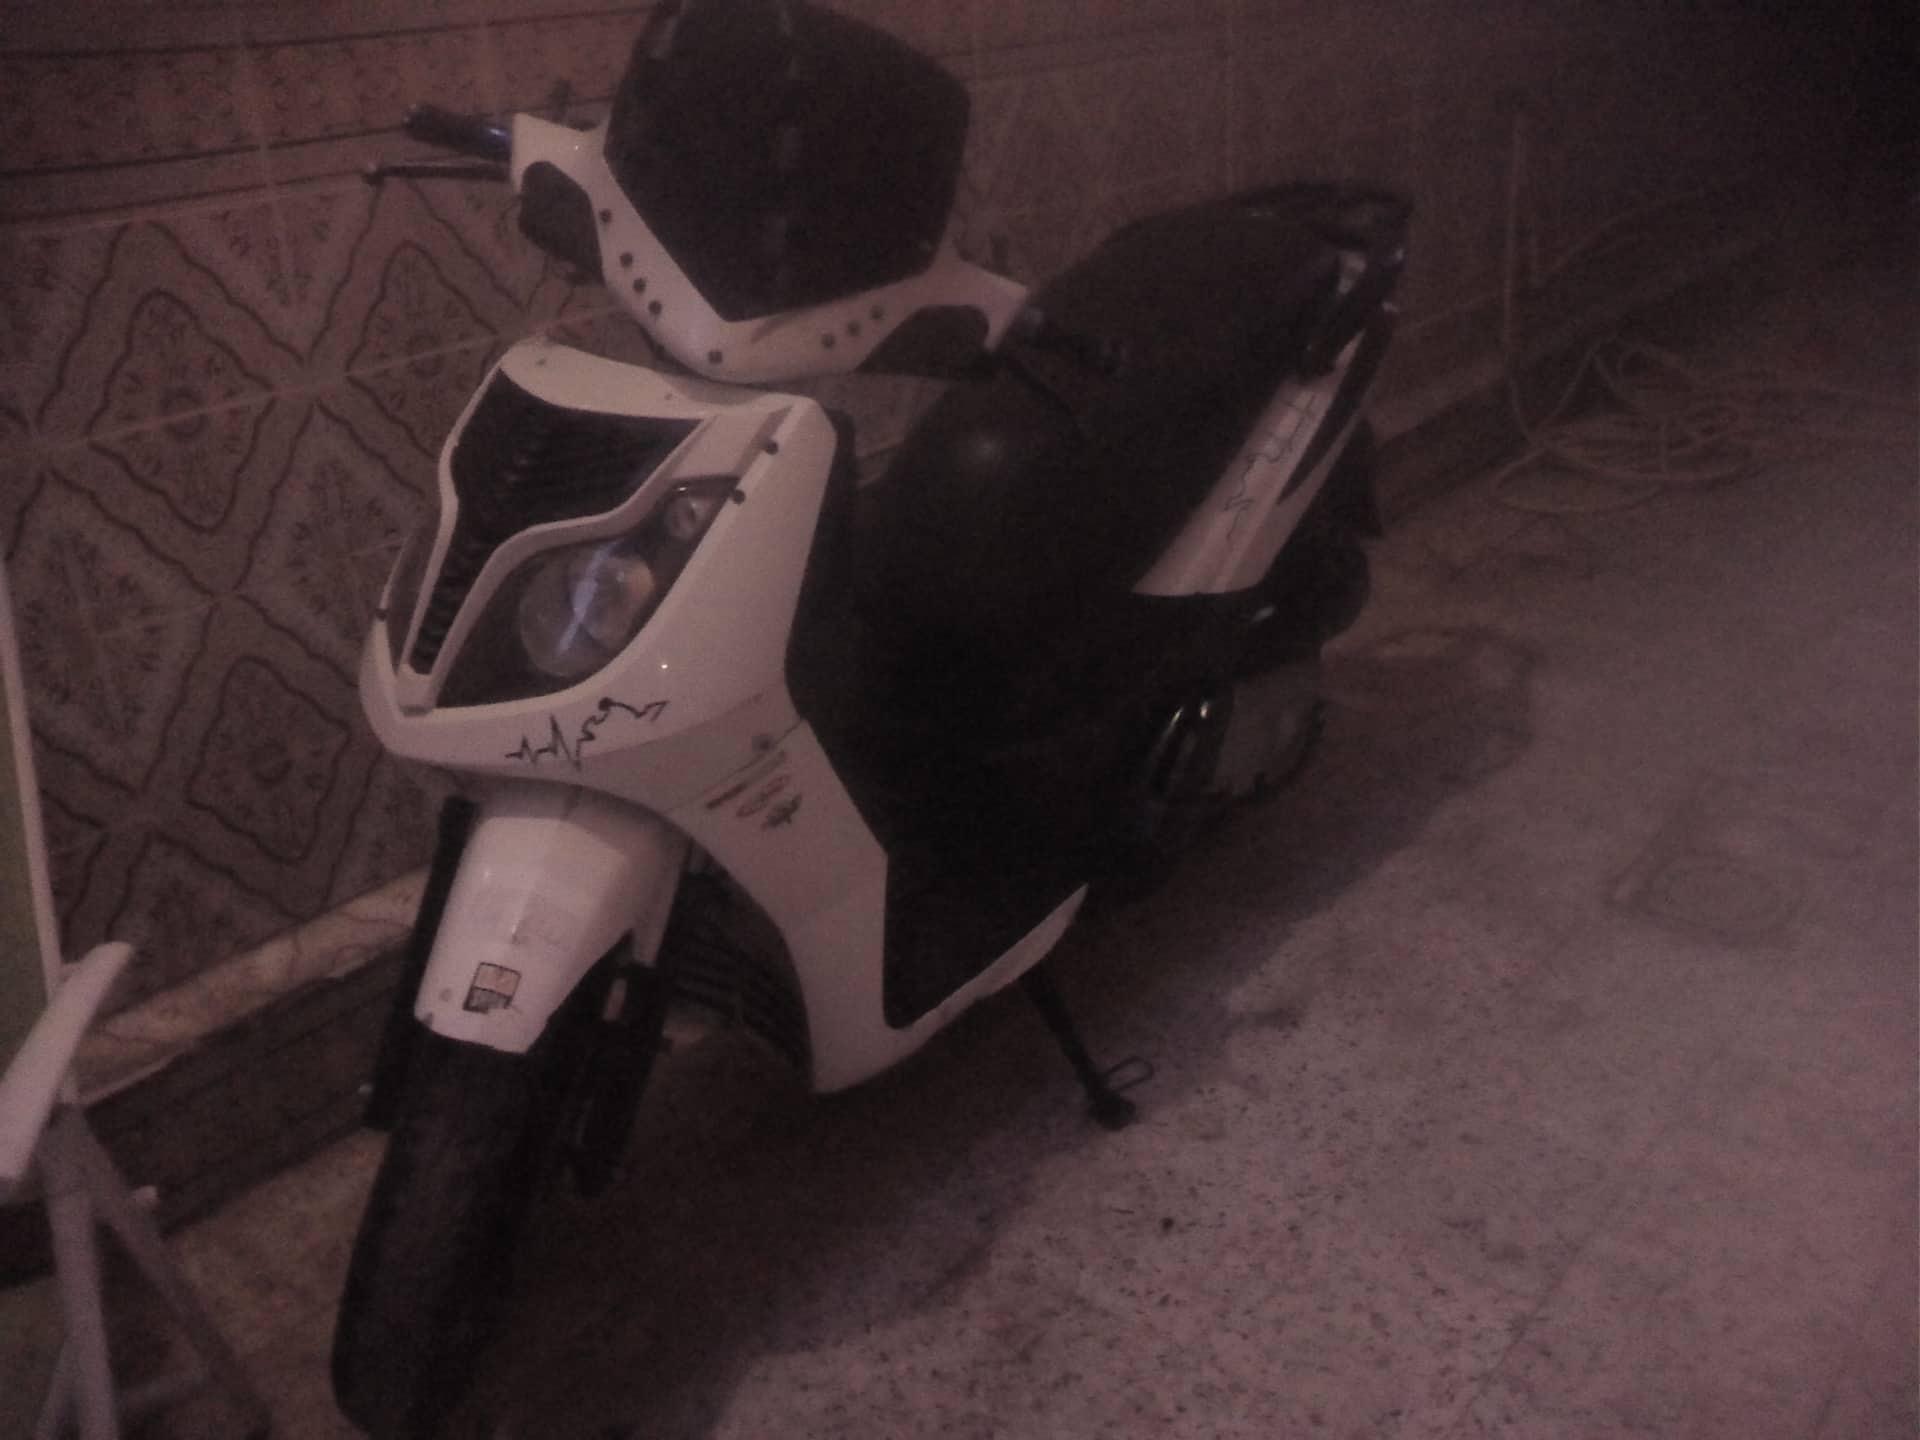 scooteur keeway outlook